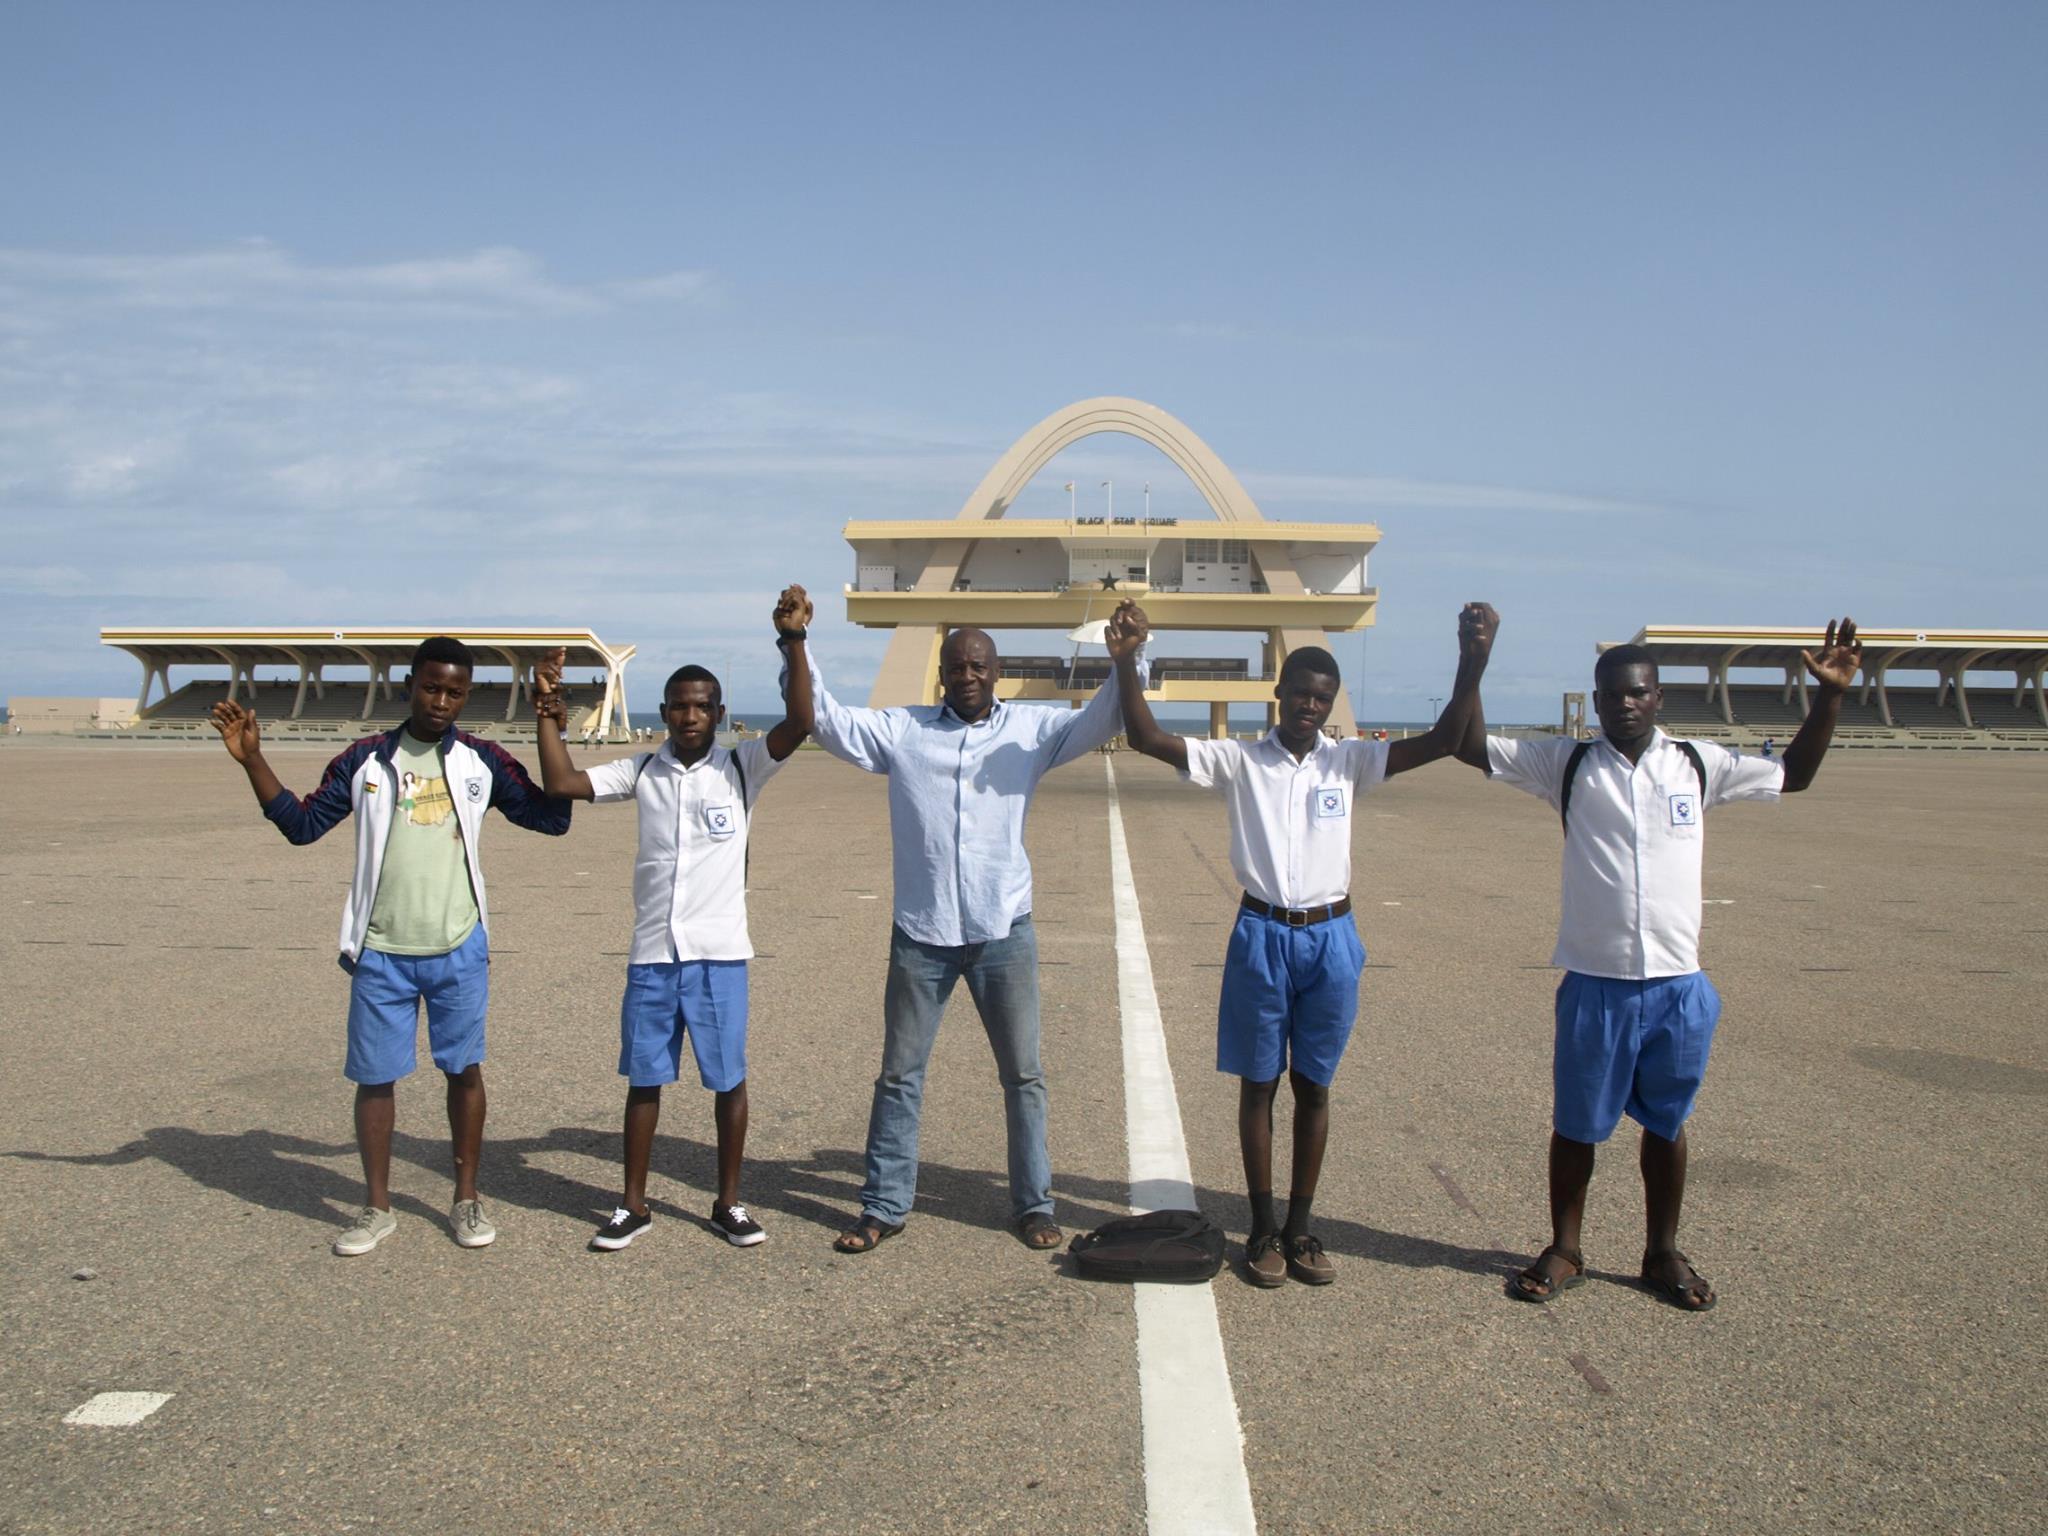 """""""L'Education est le plus vaste chantier en Afrique. L'émergence est inenvisageable sans une vraie formation. La jeunesse est un atout majeur pour le continent"""". En compagnie des lycéens à l'Independence square, Accra (Ghana). Mai 2015."""